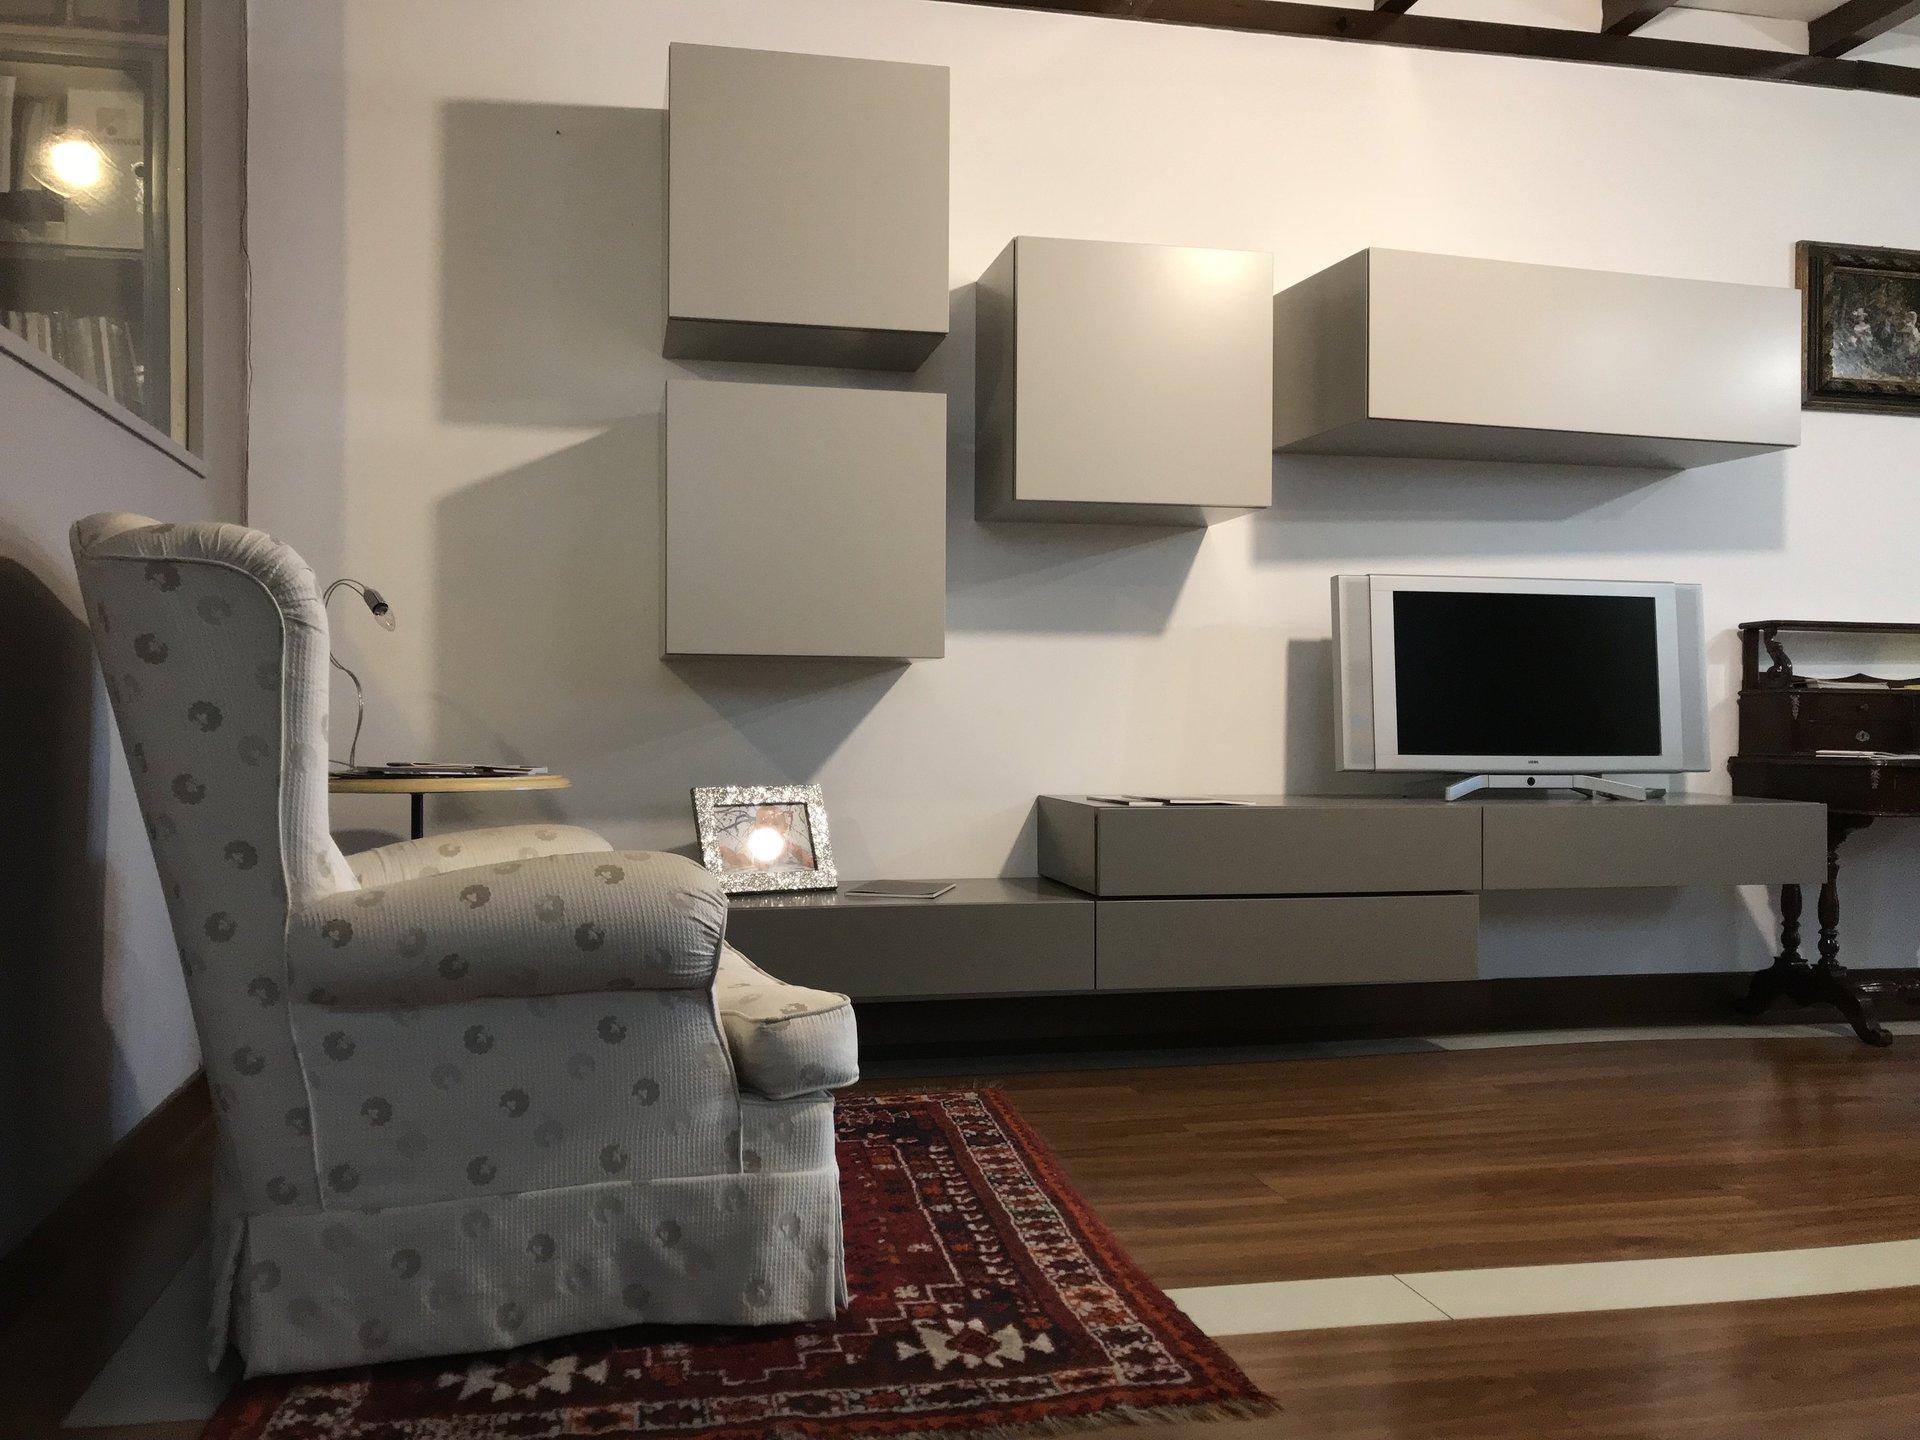 mobili ufficio, complementi d'arredo, progettazione arredamento